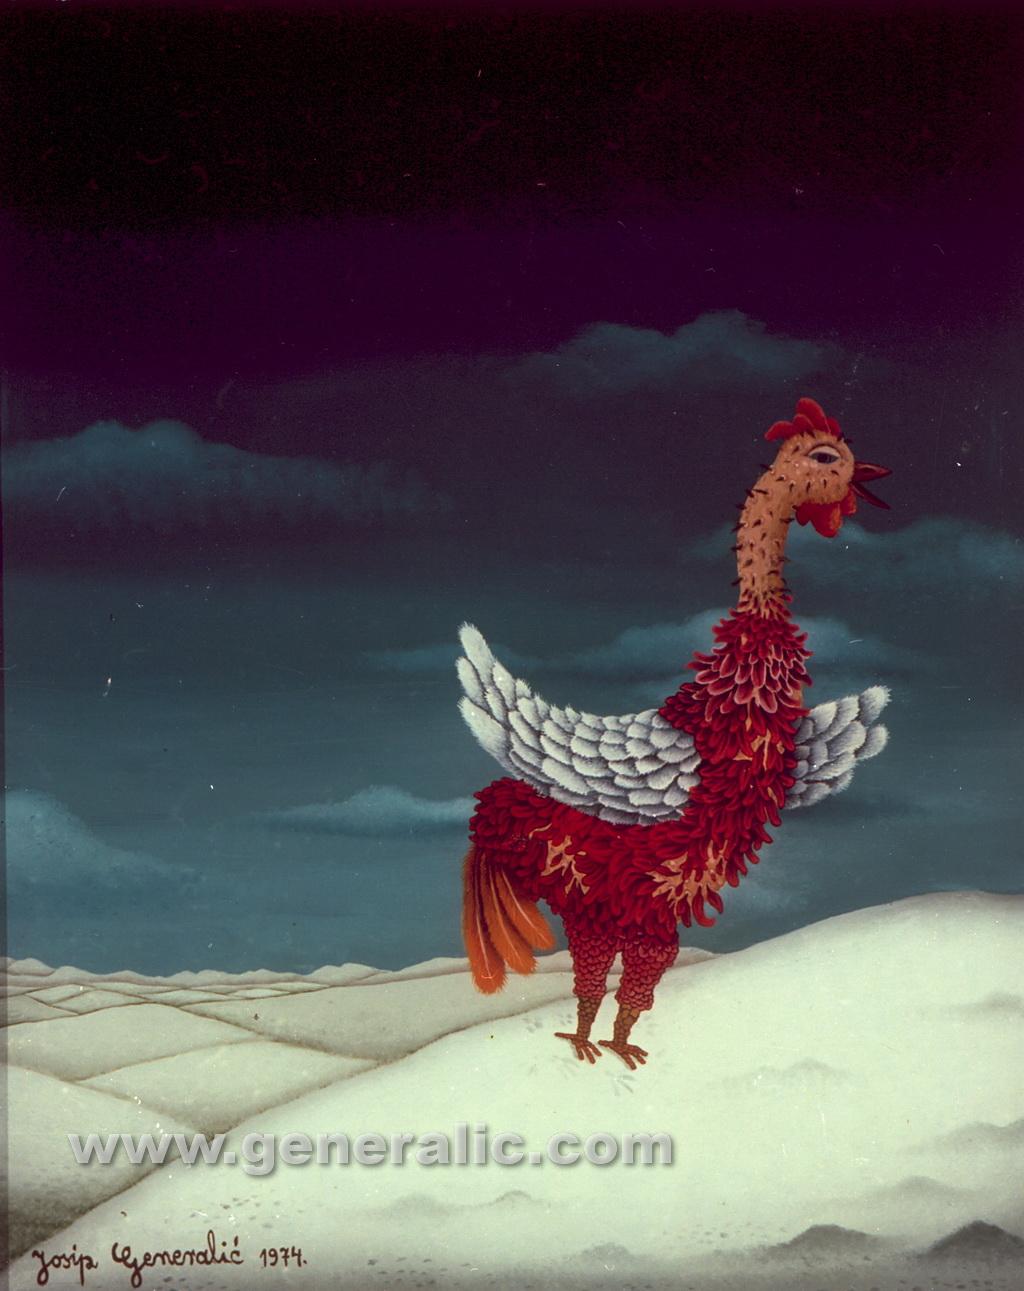 Josip Generalic, 1974, Rooster in winter, oil on glass, 55x45 cm